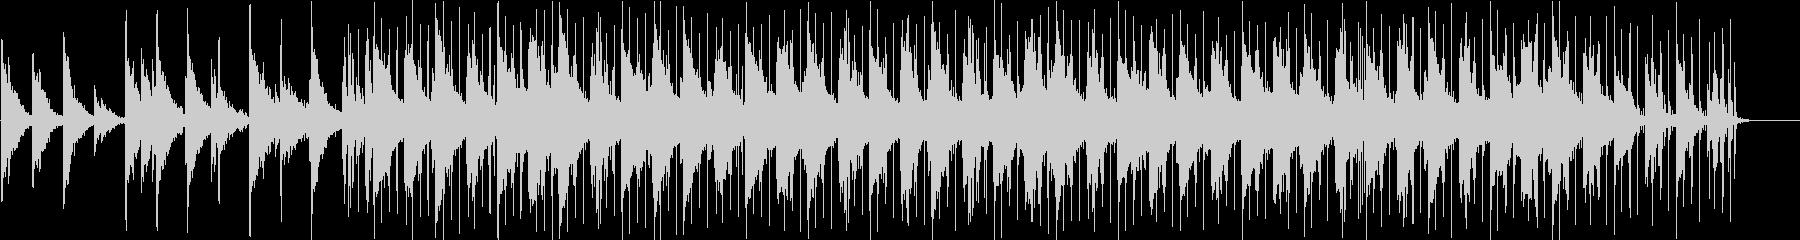 幻想的なインストの未再生の波形